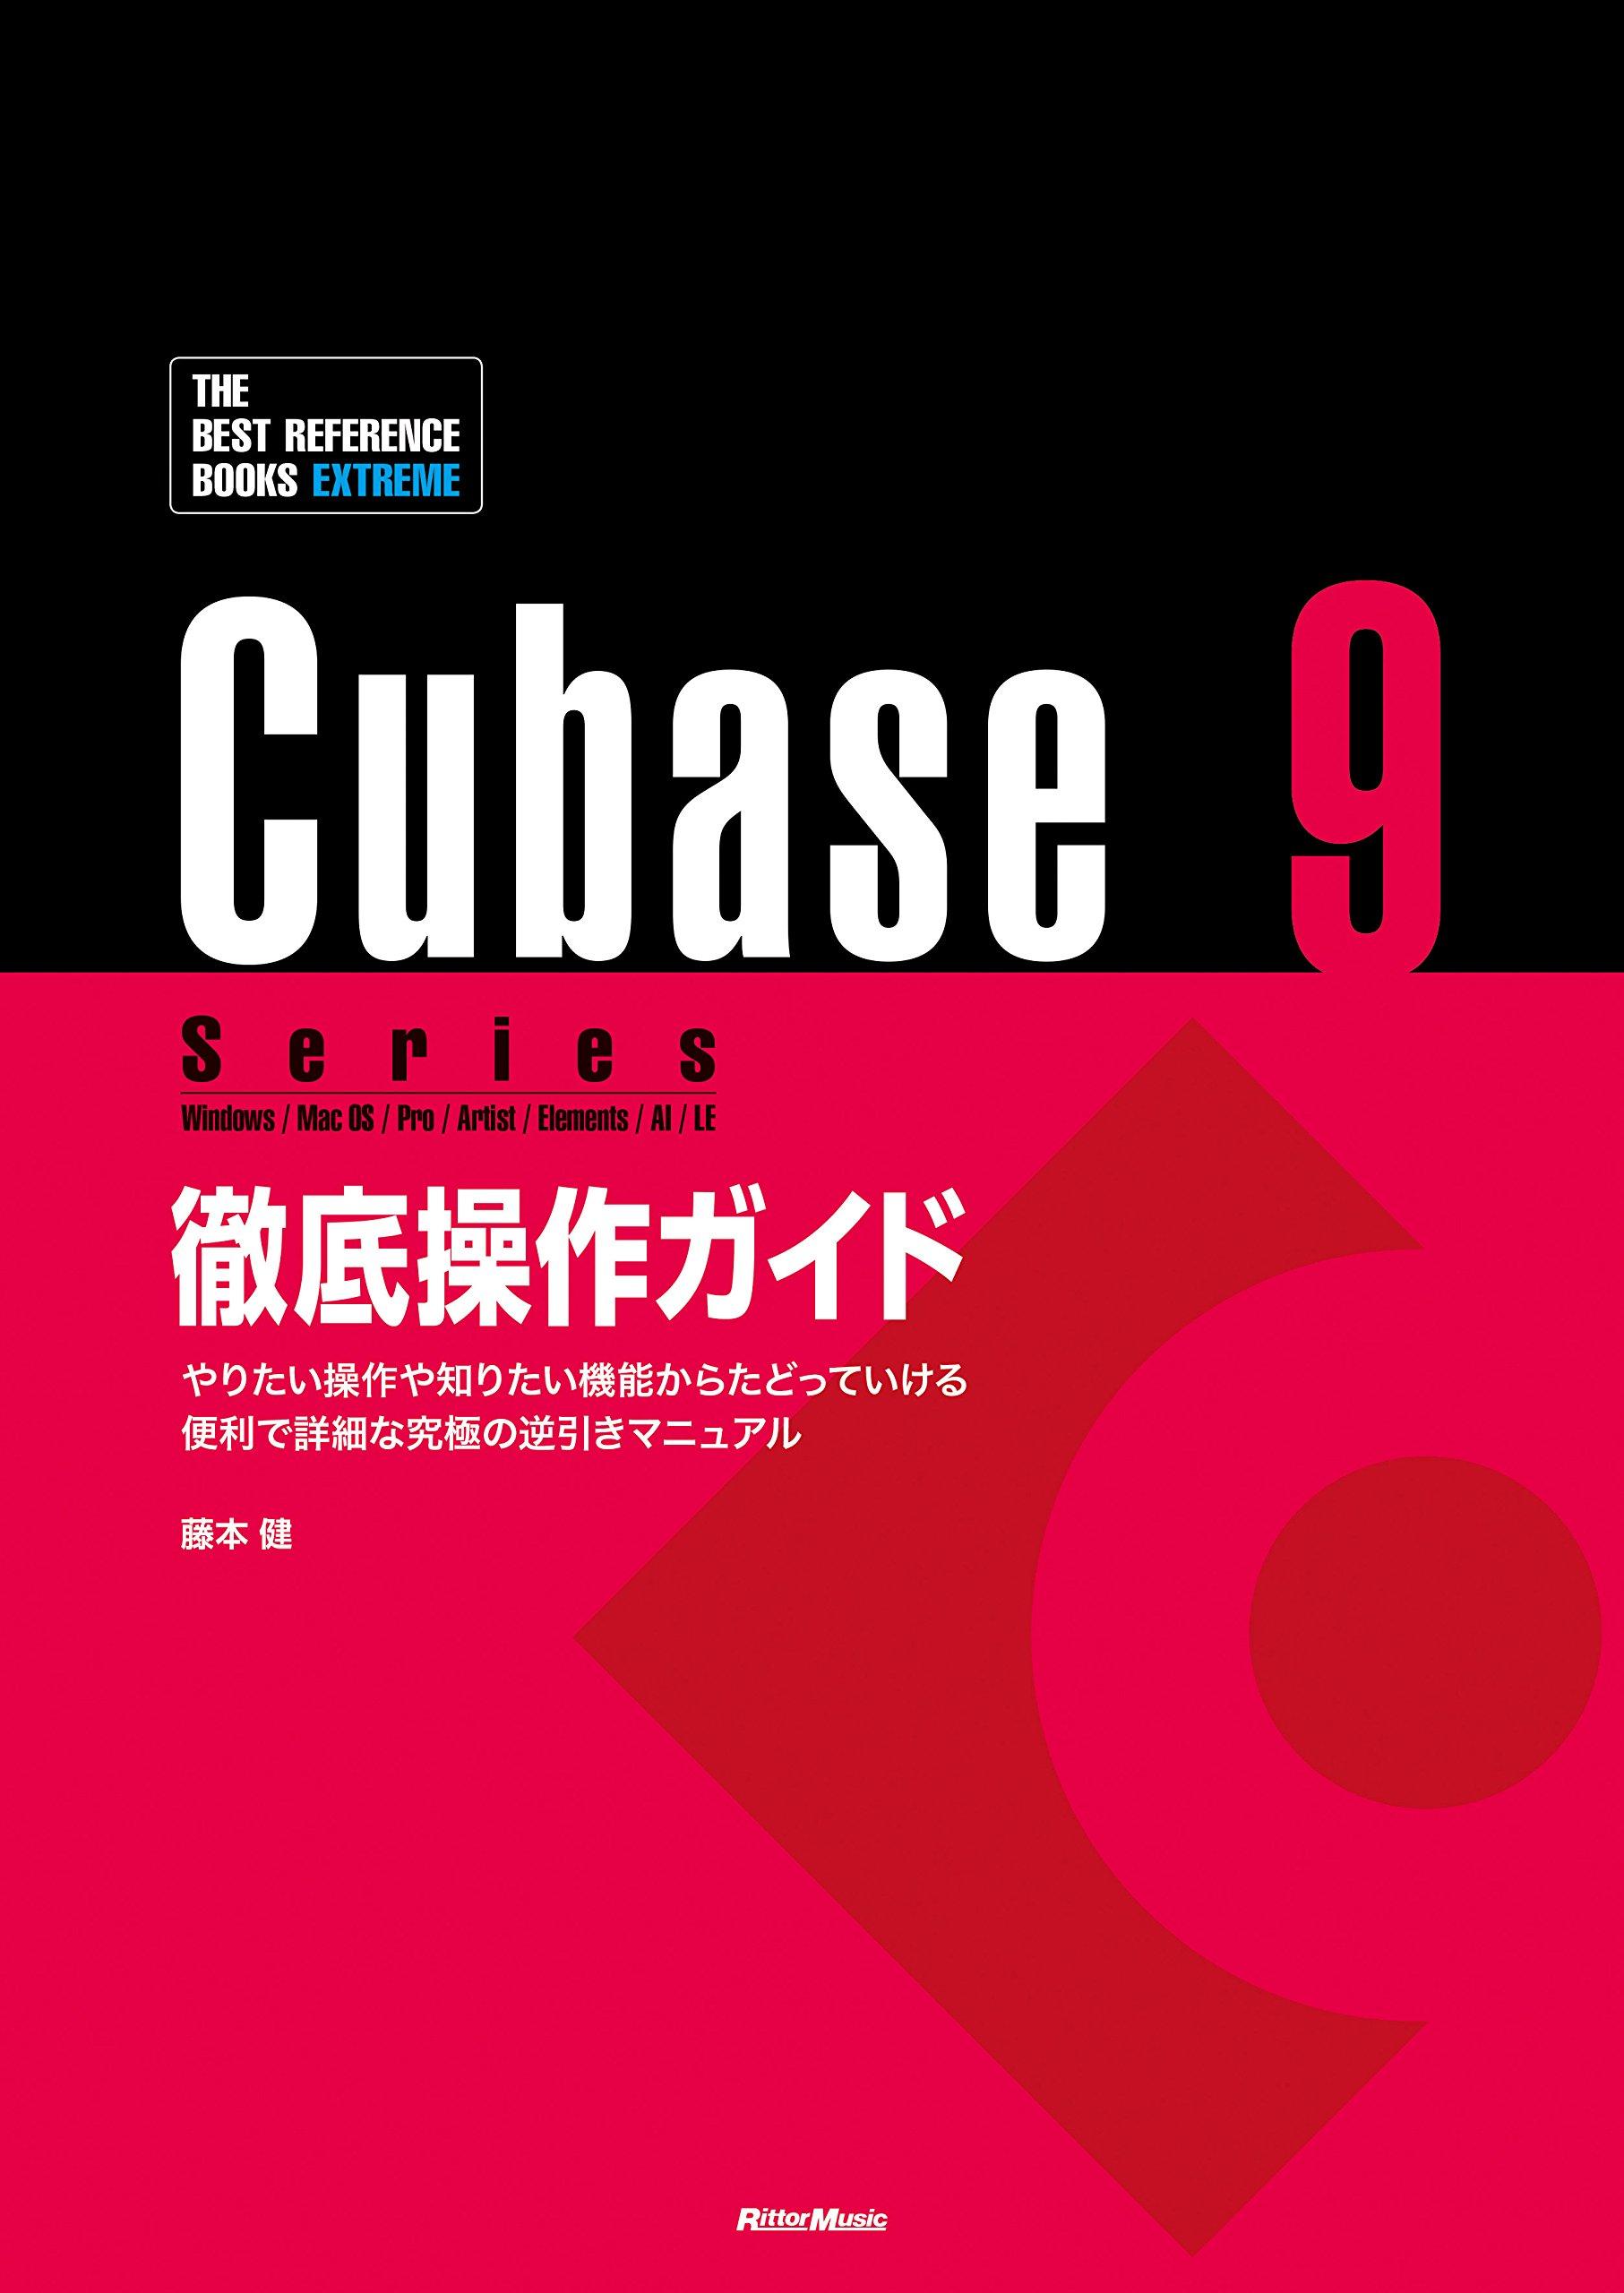 cubase 9 series 徹底操作ガイド やりたい操作や知りたい機能からたどっ